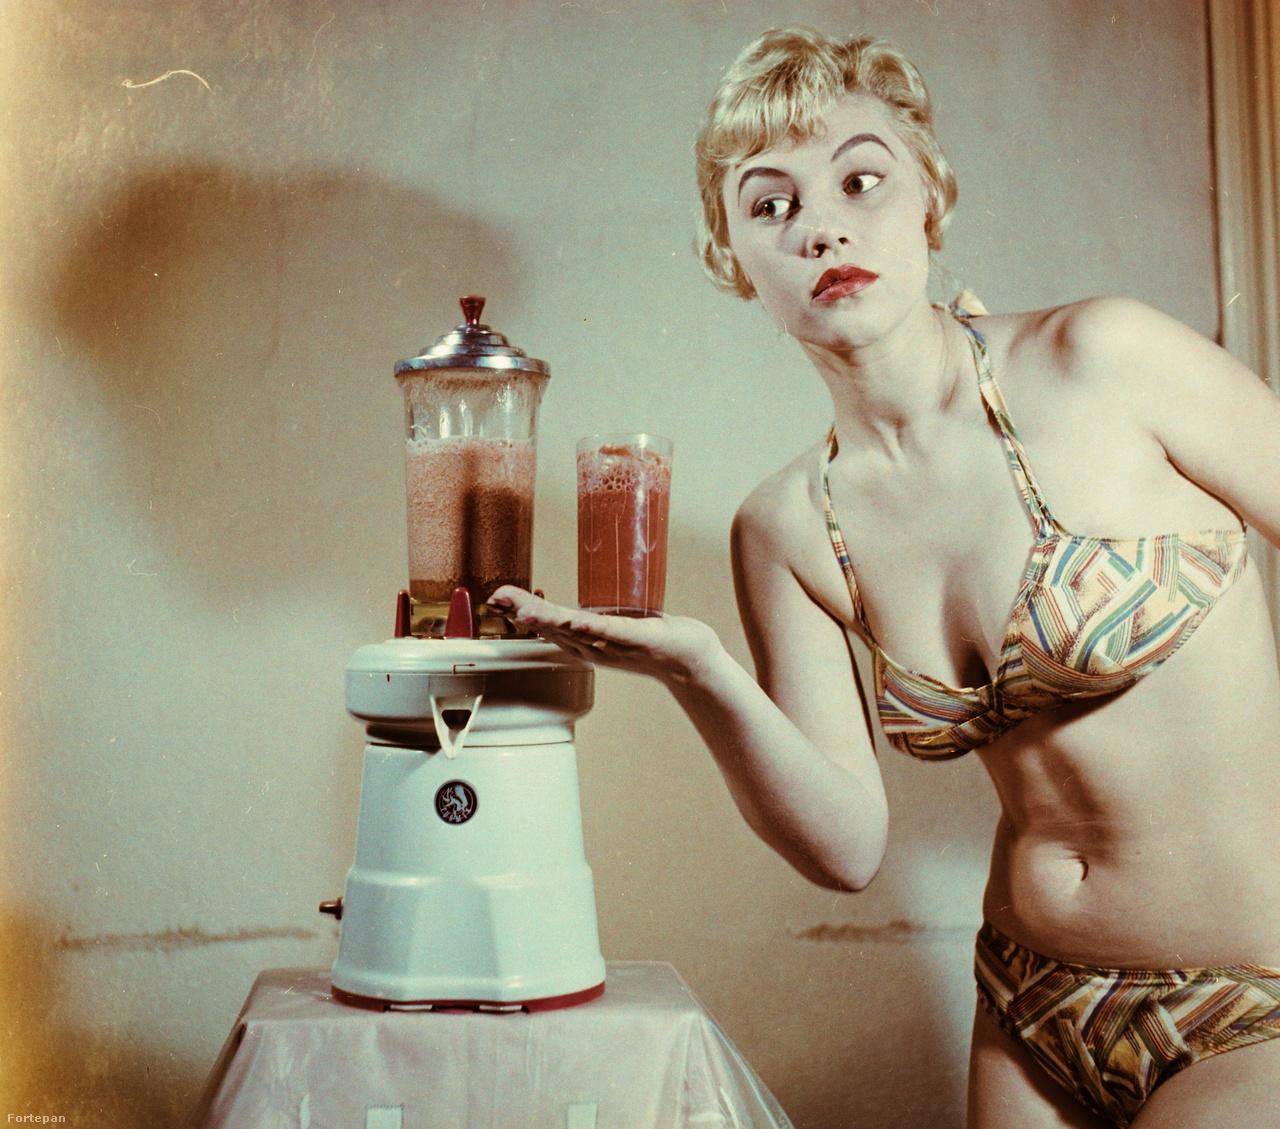 """Svájci gyártmányú, """"Turmix"""" márkájú turmixgép. Színes, a szocialista erkölcstől és konyhaeszménytől kissé távol álló reklámfotó, bikinis manökennel, 1962-ből."""